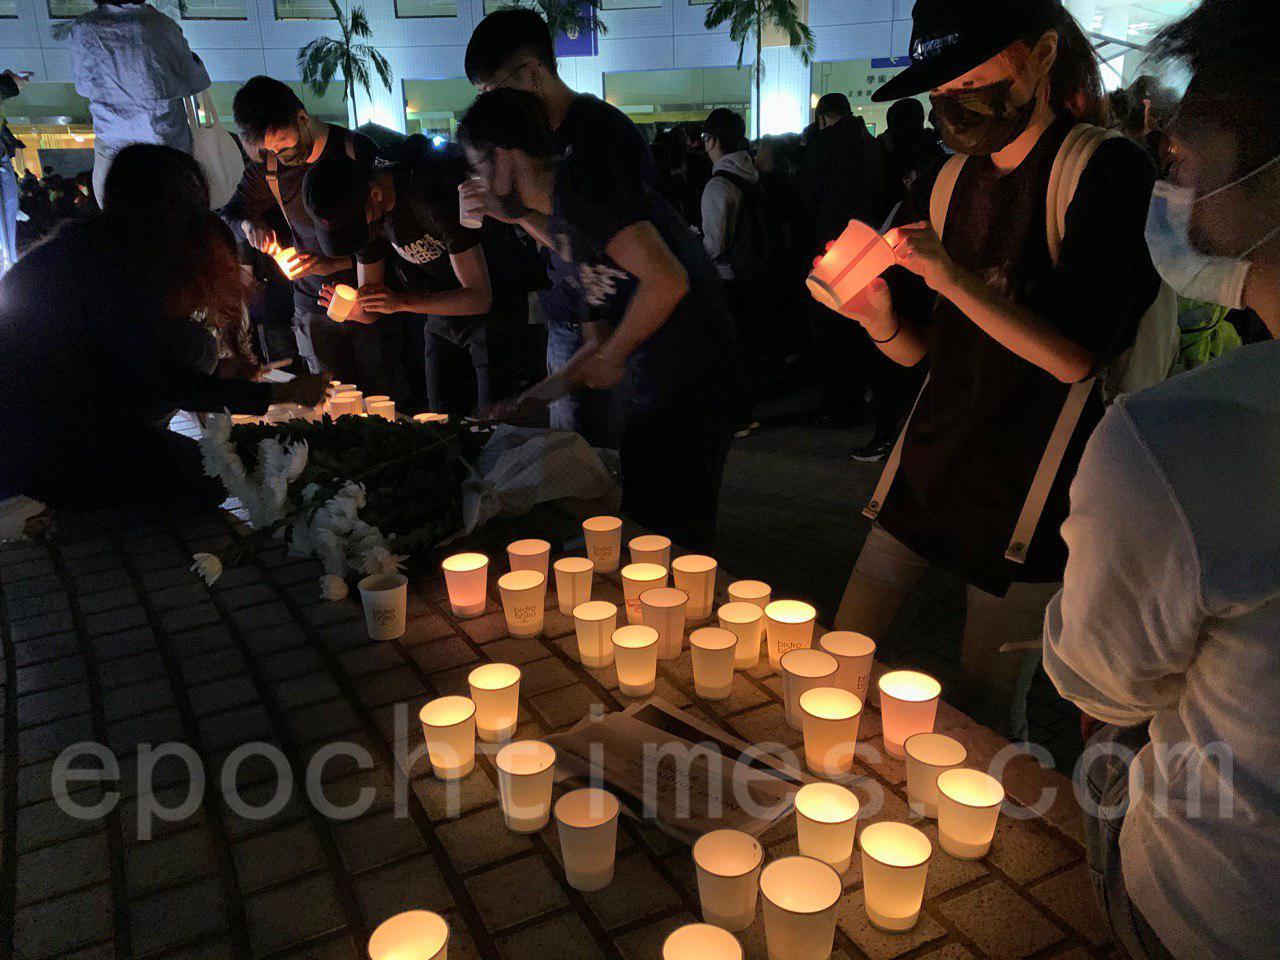 10月8日,科大生周同學在醫院不治去世,有市民發起「全城悼念周同學」活動。圖為科大校園(韓納/大紀元)